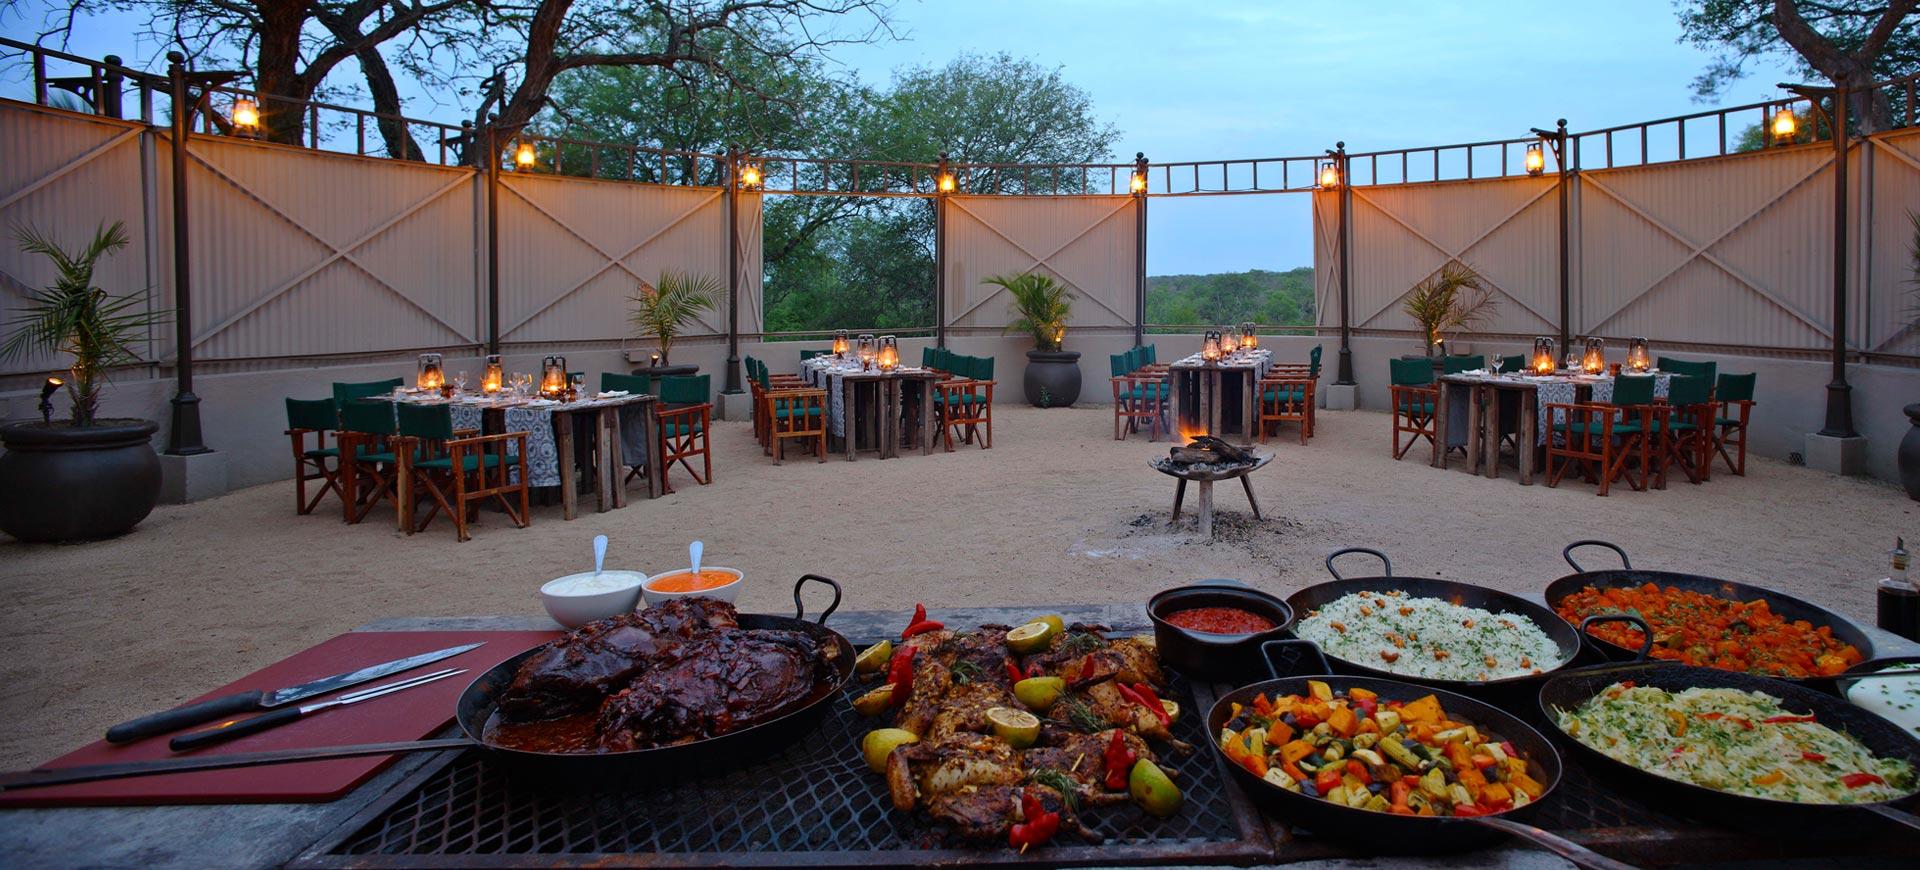 Kirkmans Kamp Kruger National Park